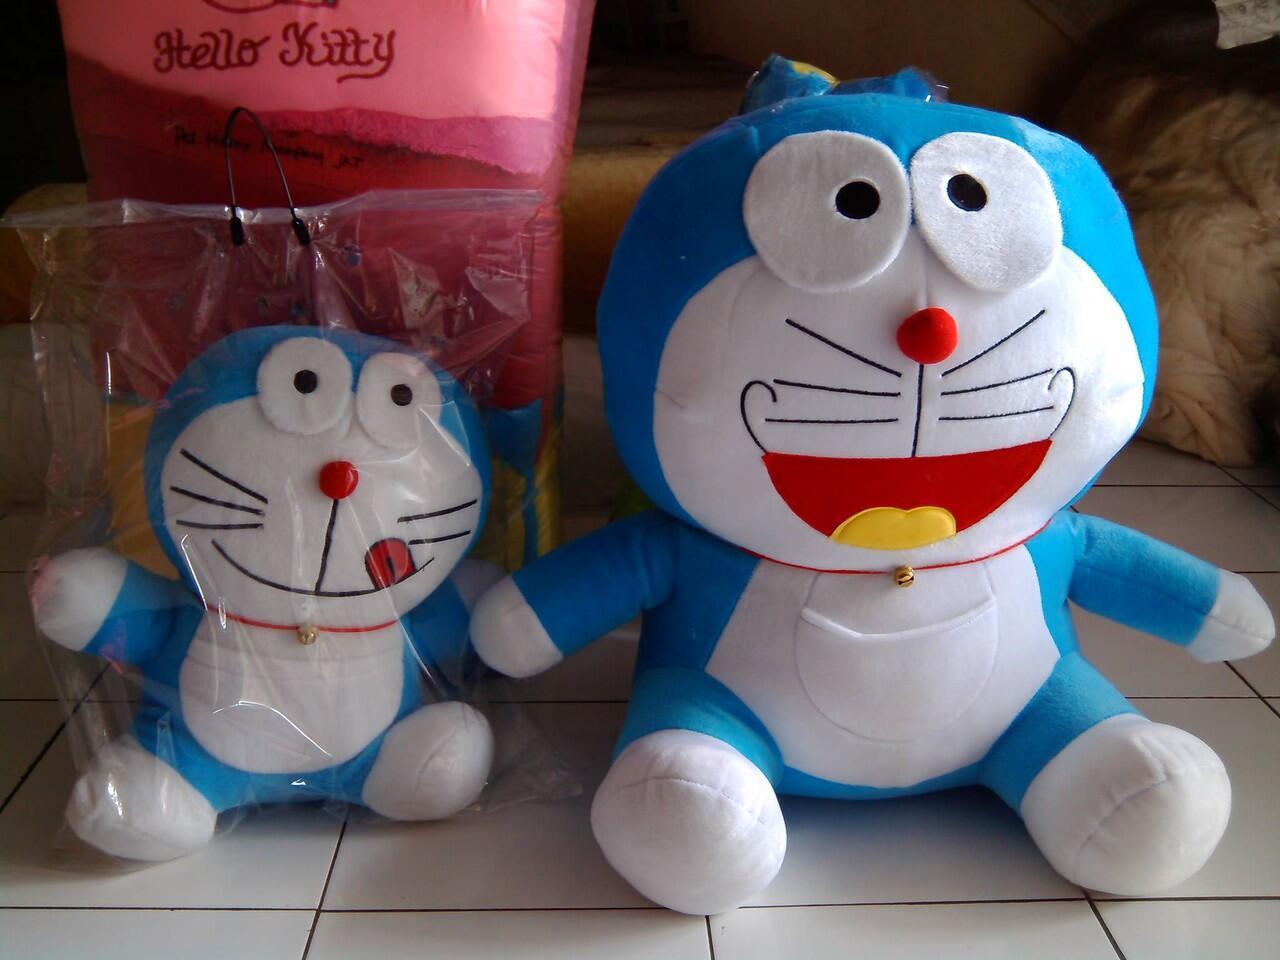 Terjual jual boneka lucu murah meriah  7631a2e1f1